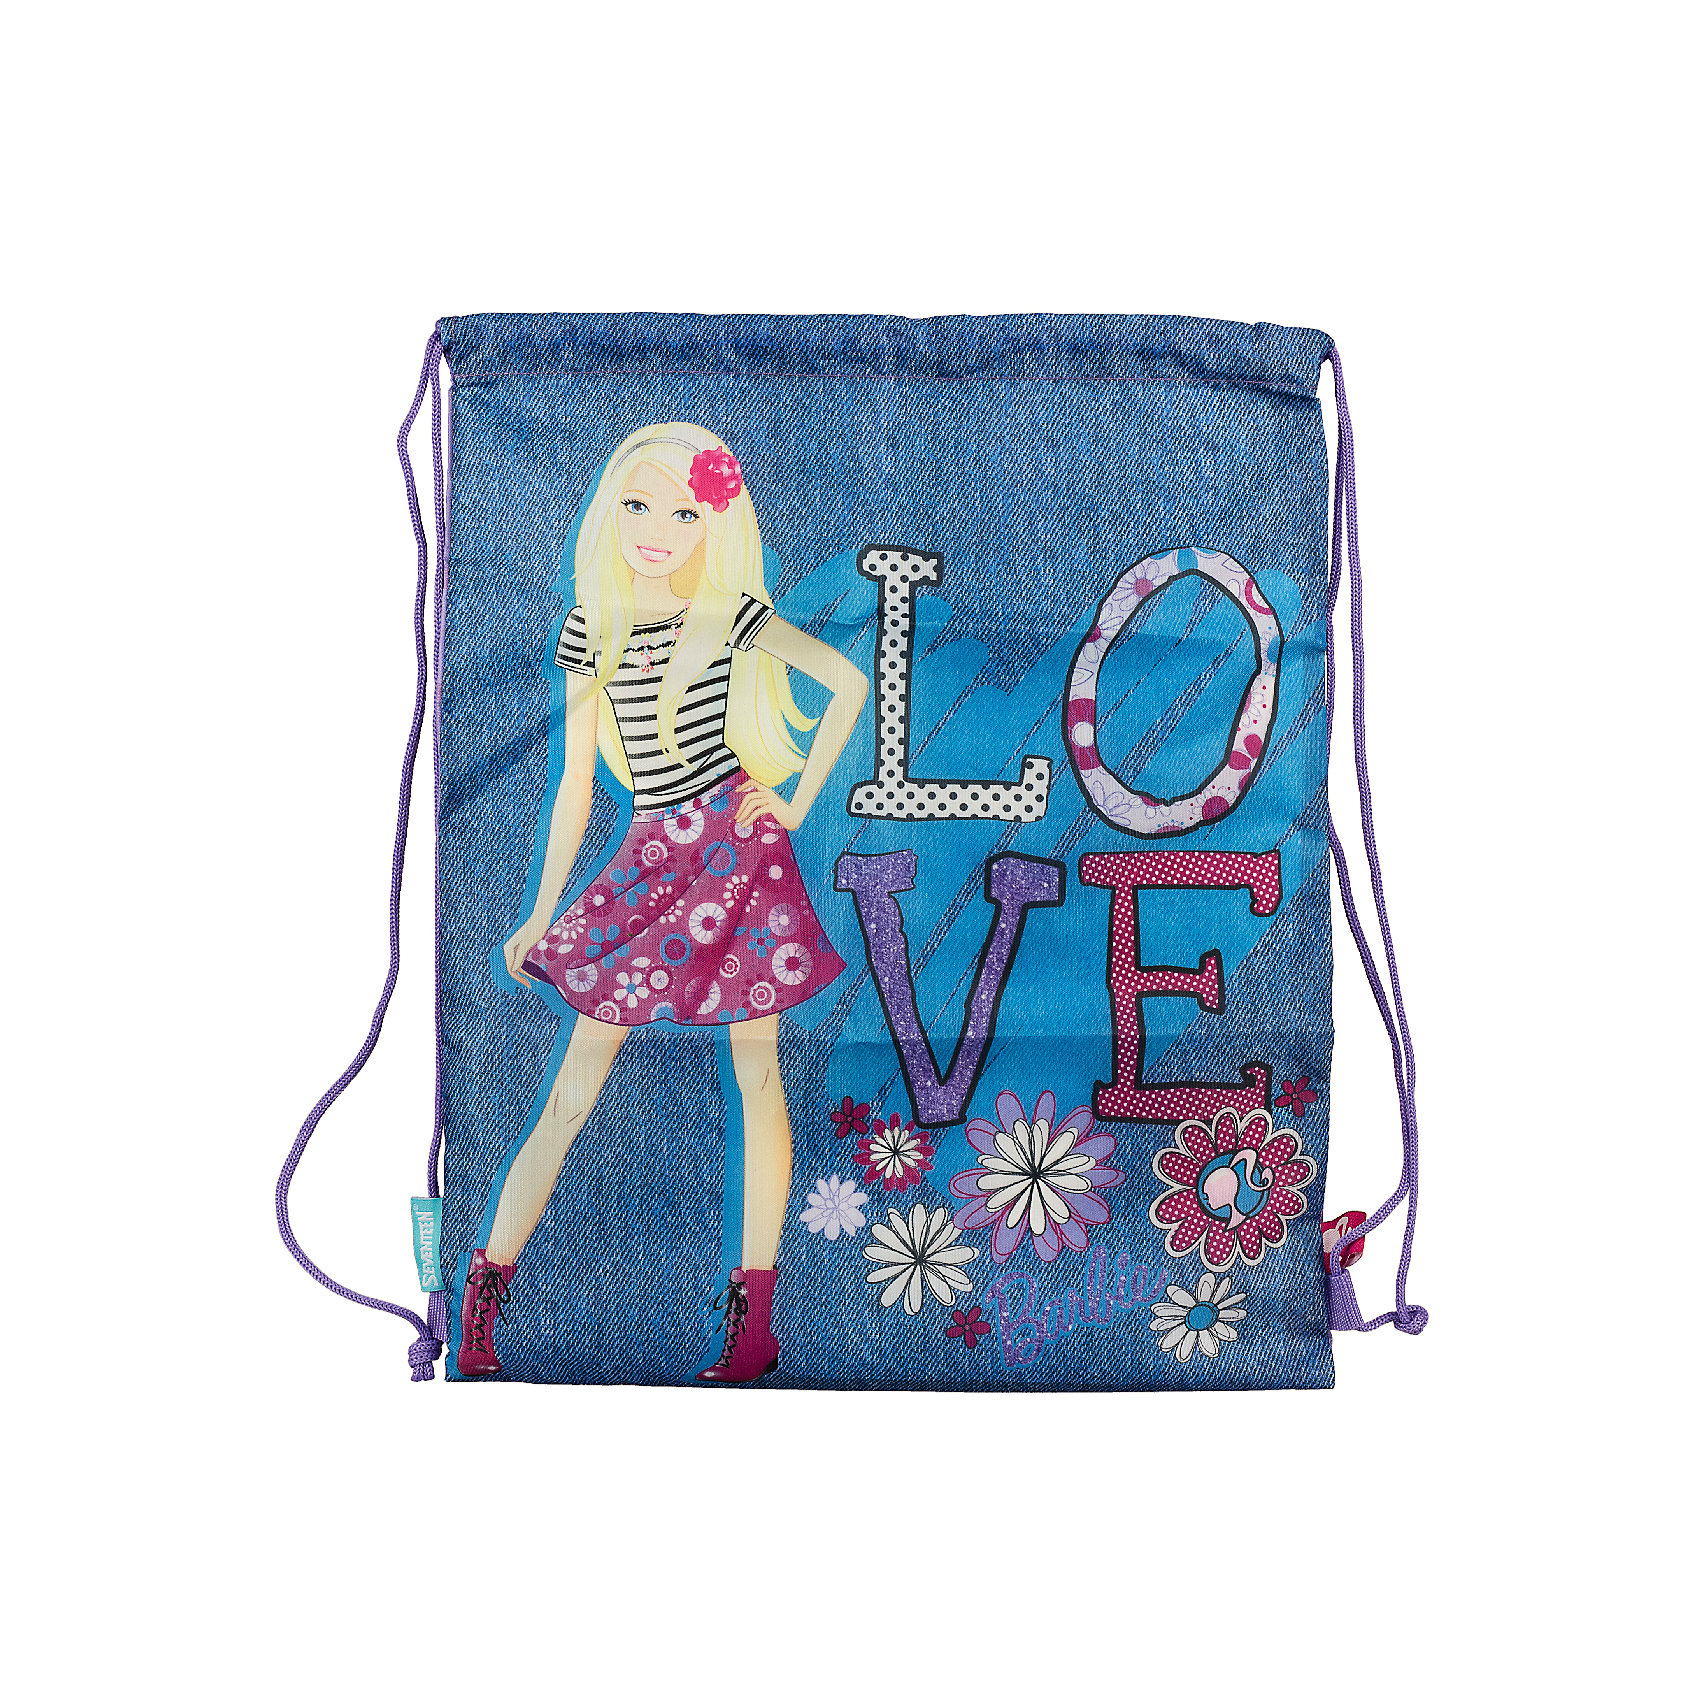 Сумка-рюкзак для обуви, BarbieBarbie<br>Сумку-рюкзак удобно использовать для хранения и переноски сменной обуви. Мешок выполнен из плотного материала. Он затягивается сверху при помощи текстильных шнурков, которые фиксируются в нижней части, благодаря чему его можно носить за спиной, как рюкзак.<br><br>Дополнительная информация:<br><br>Размер: 43 х 34 х 1 см.<br><br>Сумку-рюкзак для обуви, Barbie можно купить в нашем магазине.<br><br>Ширина мм: 430<br>Глубина мм: 340<br>Высота мм: 10<br>Вес г: 55<br>Возраст от месяцев: 96<br>Возраст до месяцев: 108<br>Пол: Женский<br>Возраст: Детский<br>SKU: 4140859